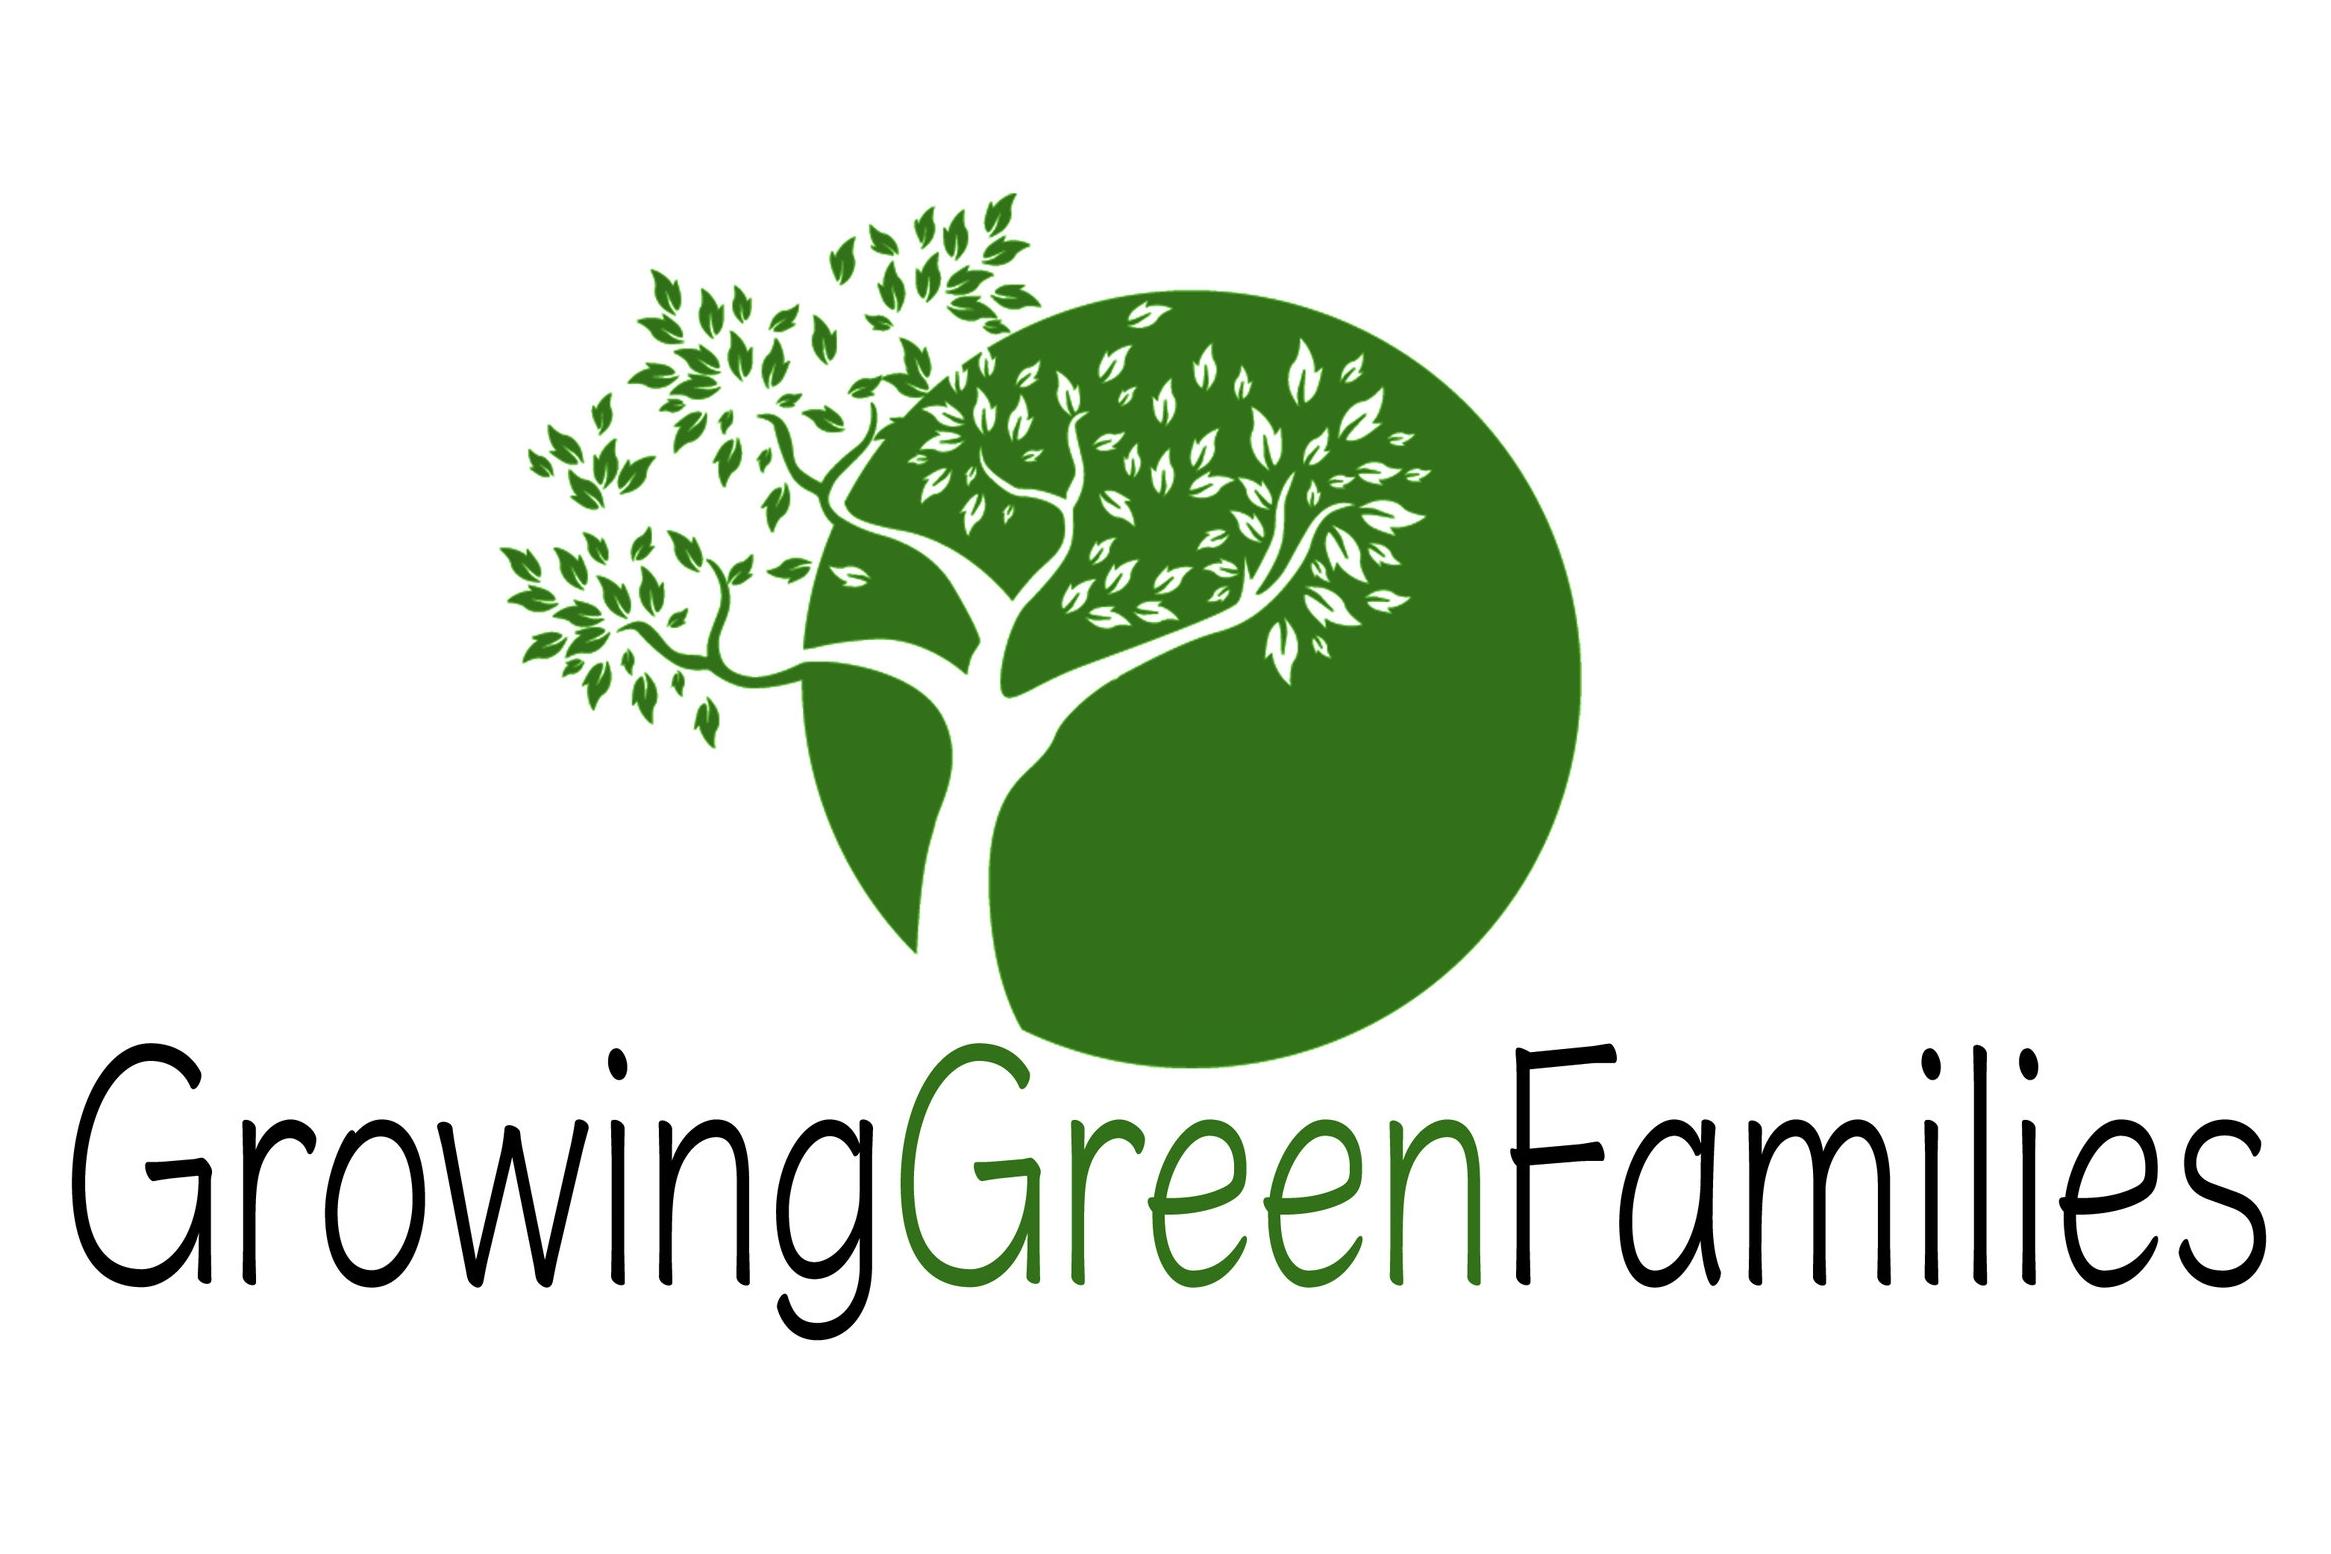 ggf_logo3.jpg